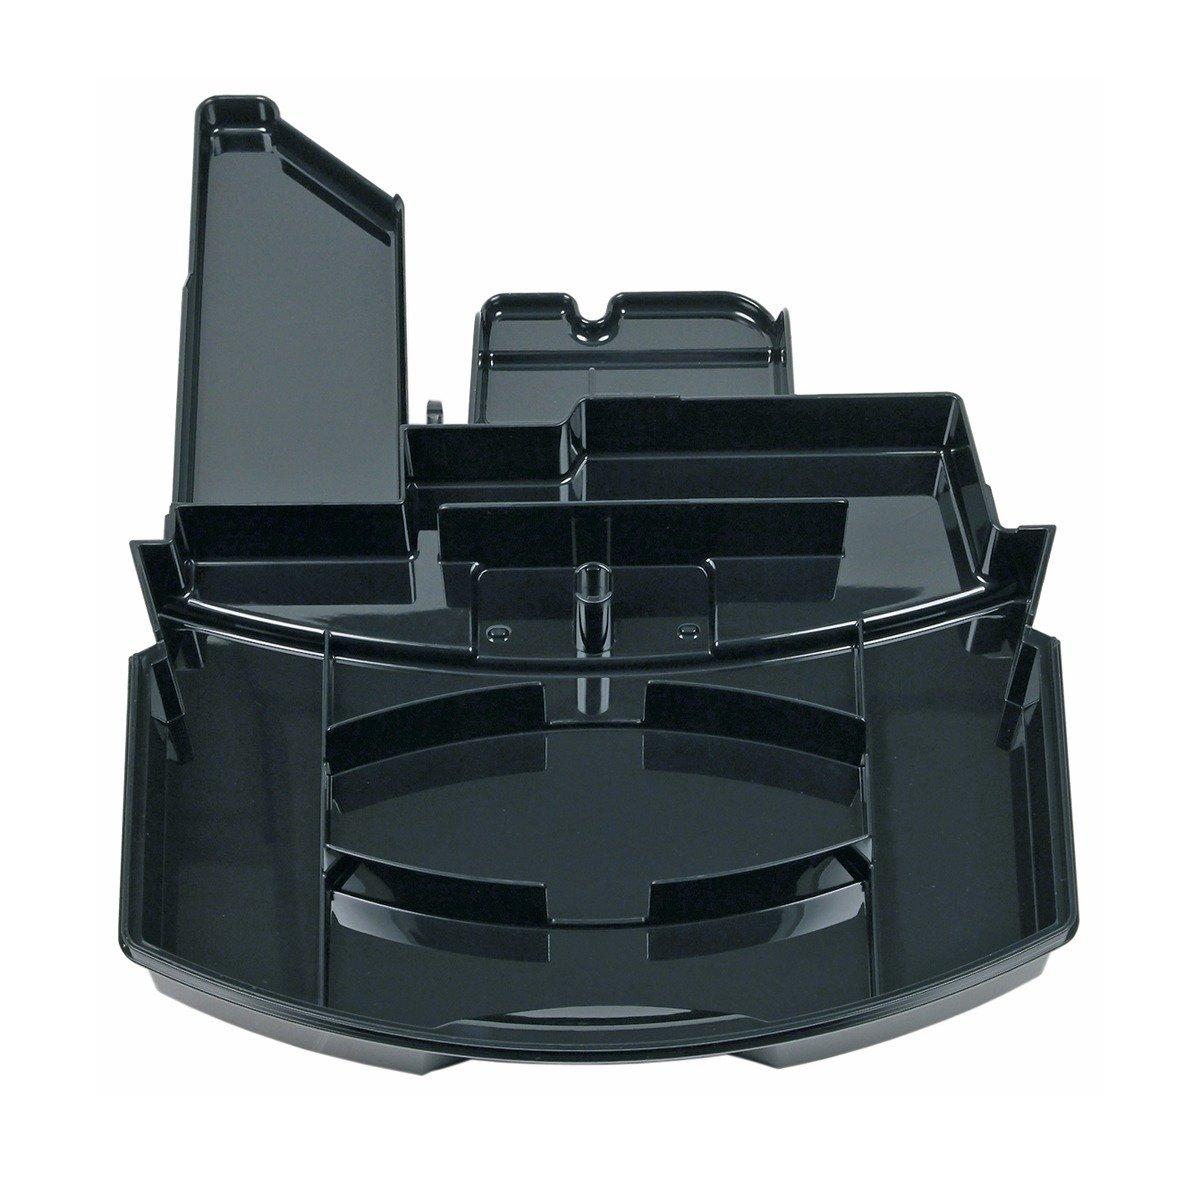 DeLonghi Drip Tray / ESAM5500 ESAM5450 / ESAM5400 De' Longhi